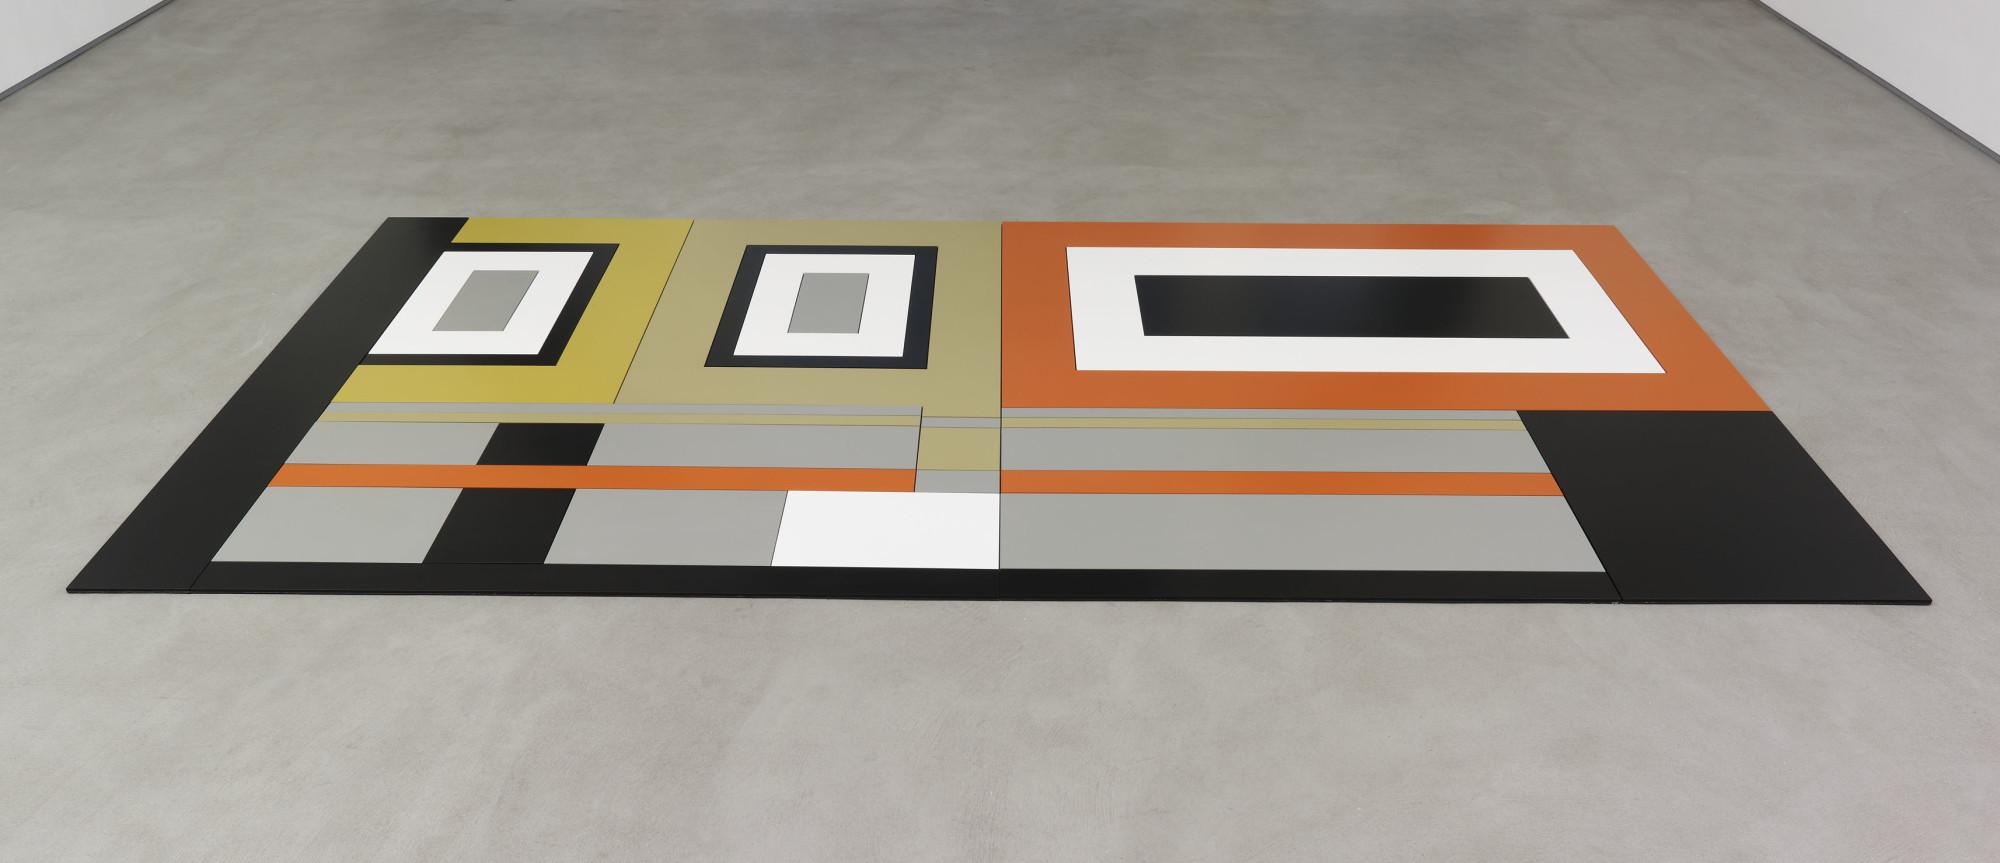 """<div class=""""artwork_caption""""><div class=""""title""""><em>Hard Carpet #1</em>, 2014</div><div class=""""medium"""">metal, powder coated aluminium</div><div class=""""dimensions"""">1 x 304.8 x 152.4 cm</div><div class=""""dimensions"""">⅜ x 120 x 60 in.</div></div>"""